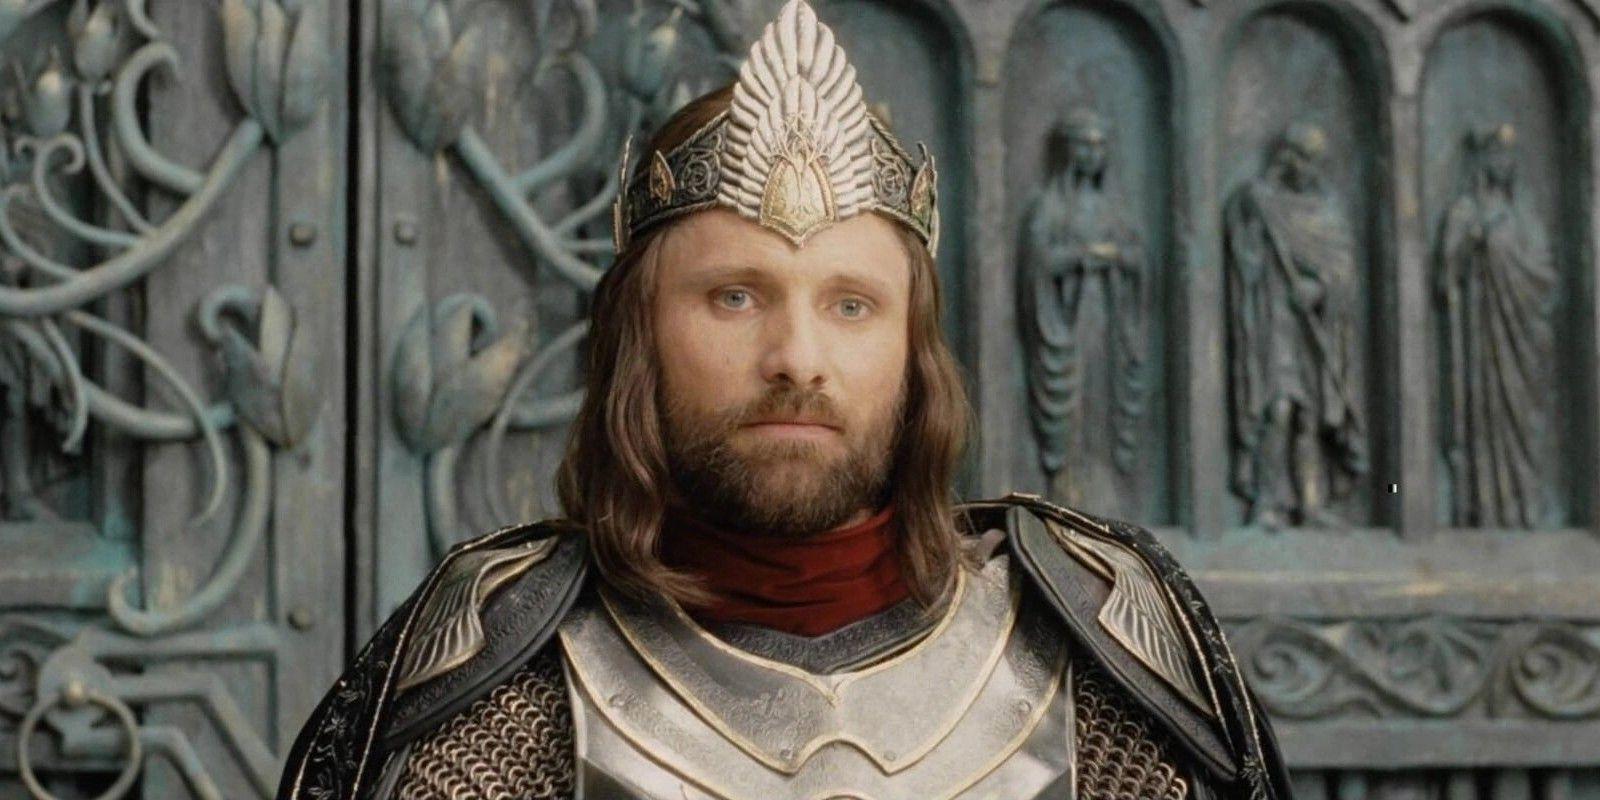 O Senhor dos Anéis: Os Muitos Nomes de Aragorn Explicados 2